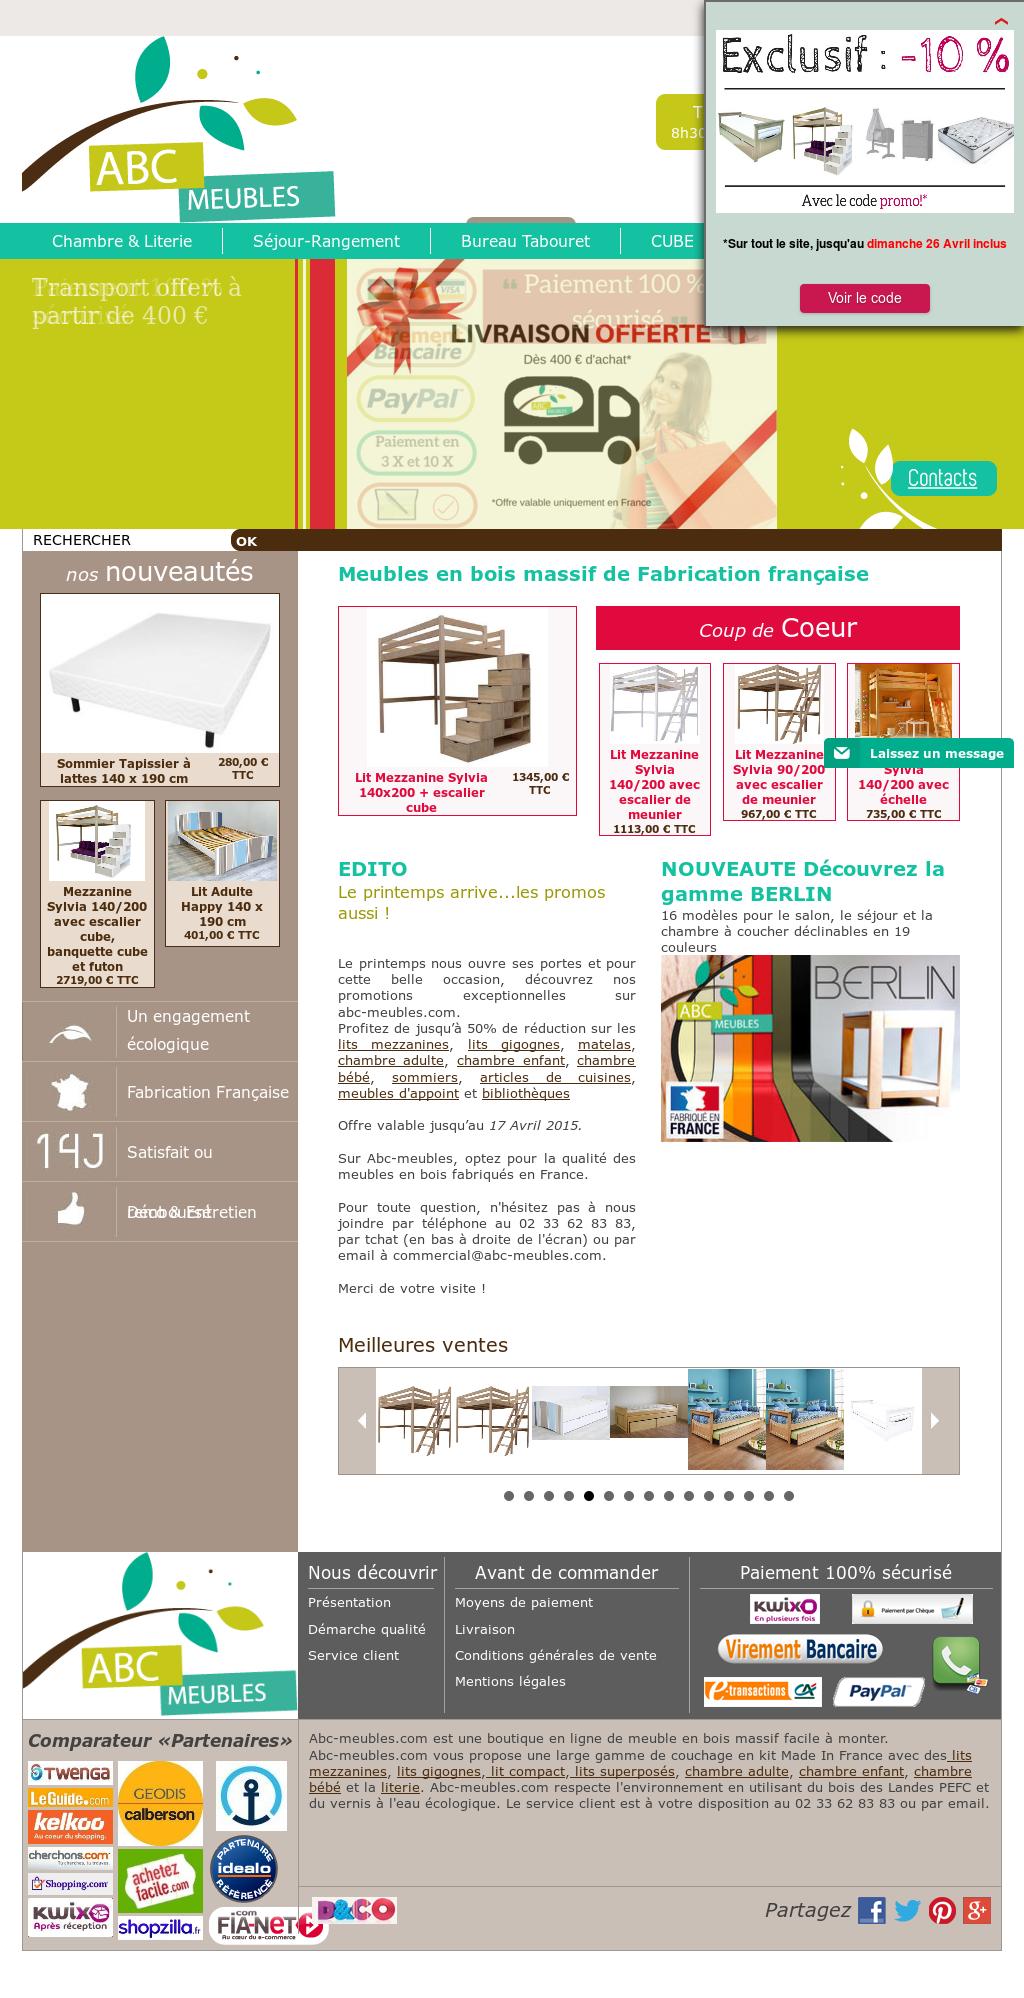 Lit Mezzanine Escalier Cube abc meubles competitors, revenue and employees - owler